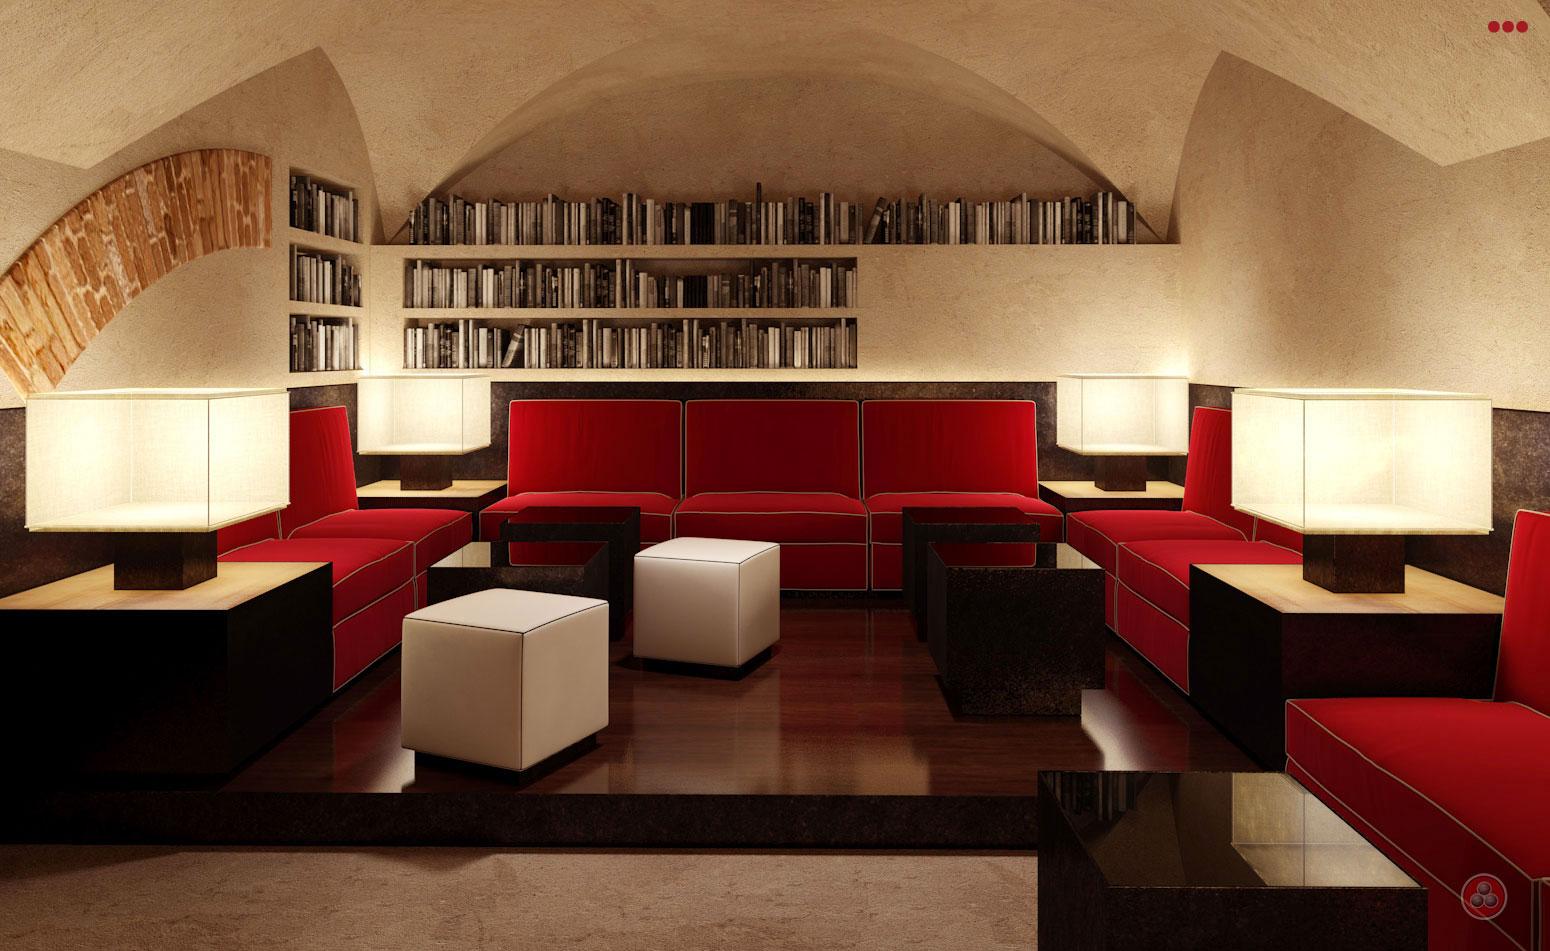 rendering progettazioine grafica 3d negozi bar contract sala rossa Rimini Pesaro Riccione